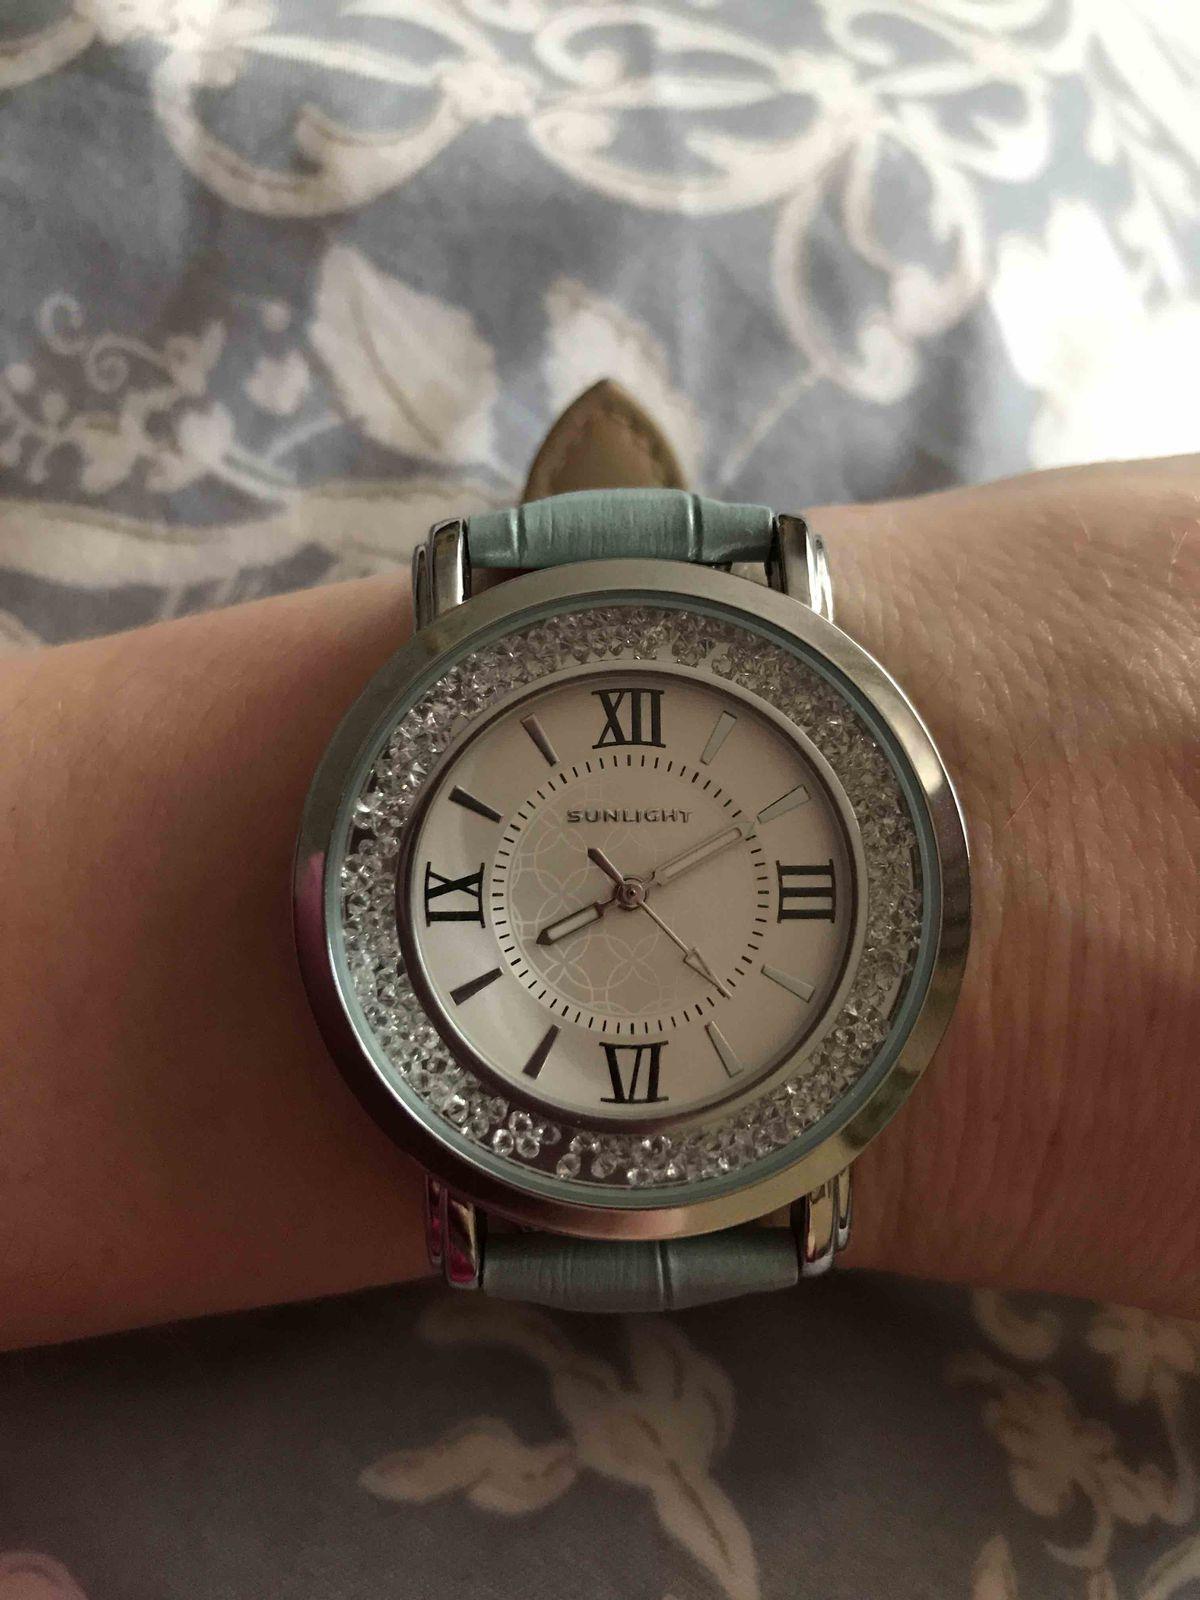 Очень элегантные часы, подходят ко многим нарядам.